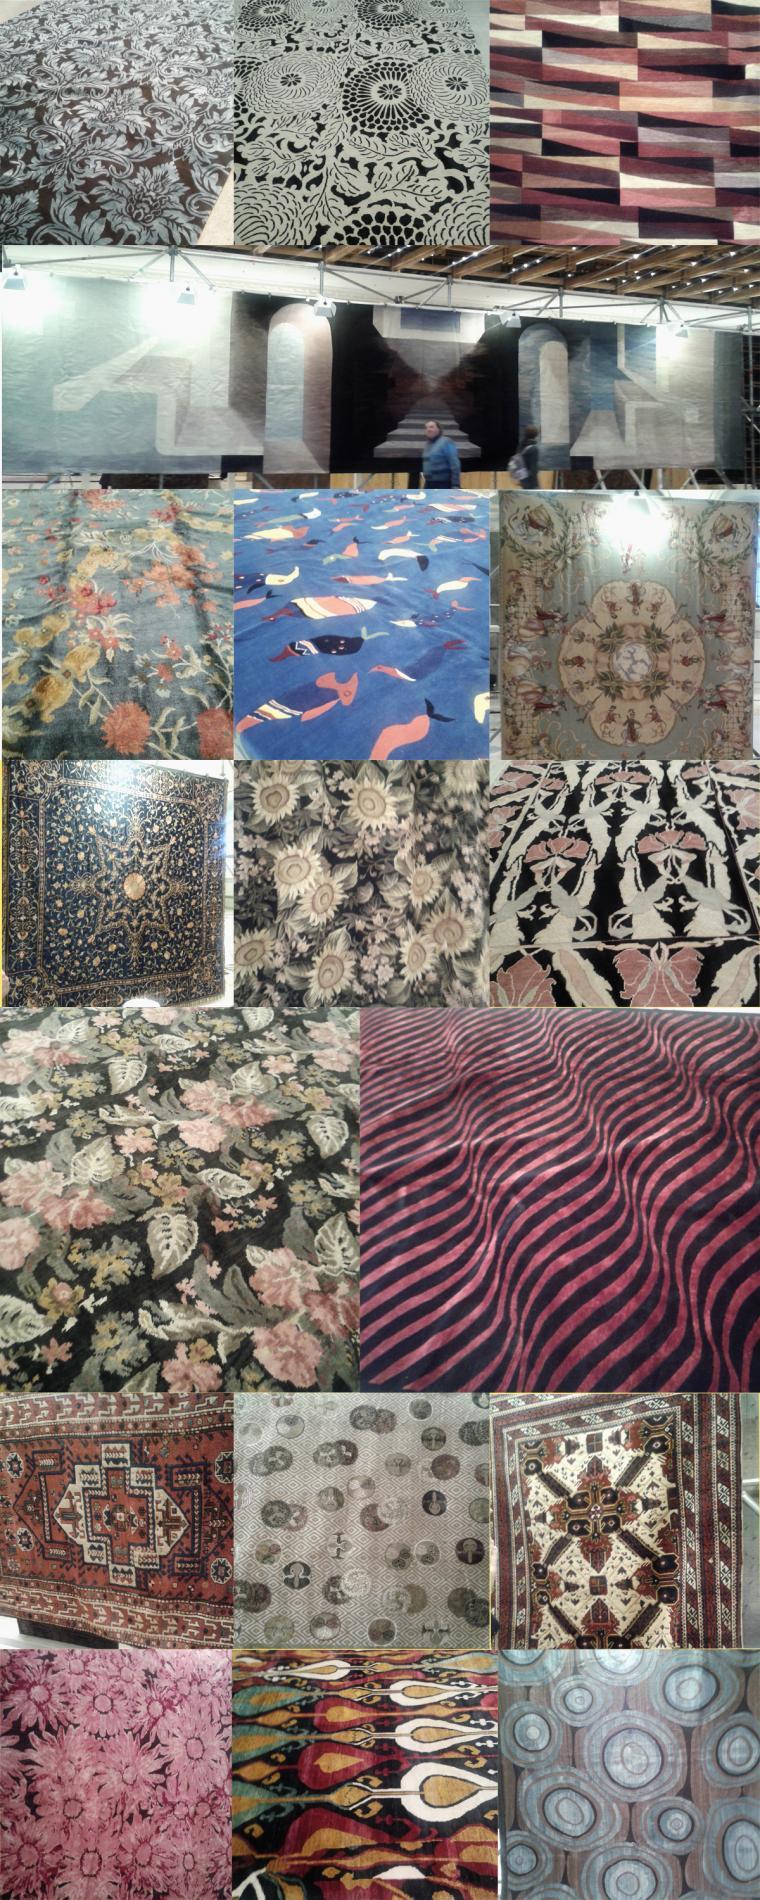 выставка, ковры, ковер, орнамент, поздравление, вдохновние, манеж, москва, каникулы, новый год